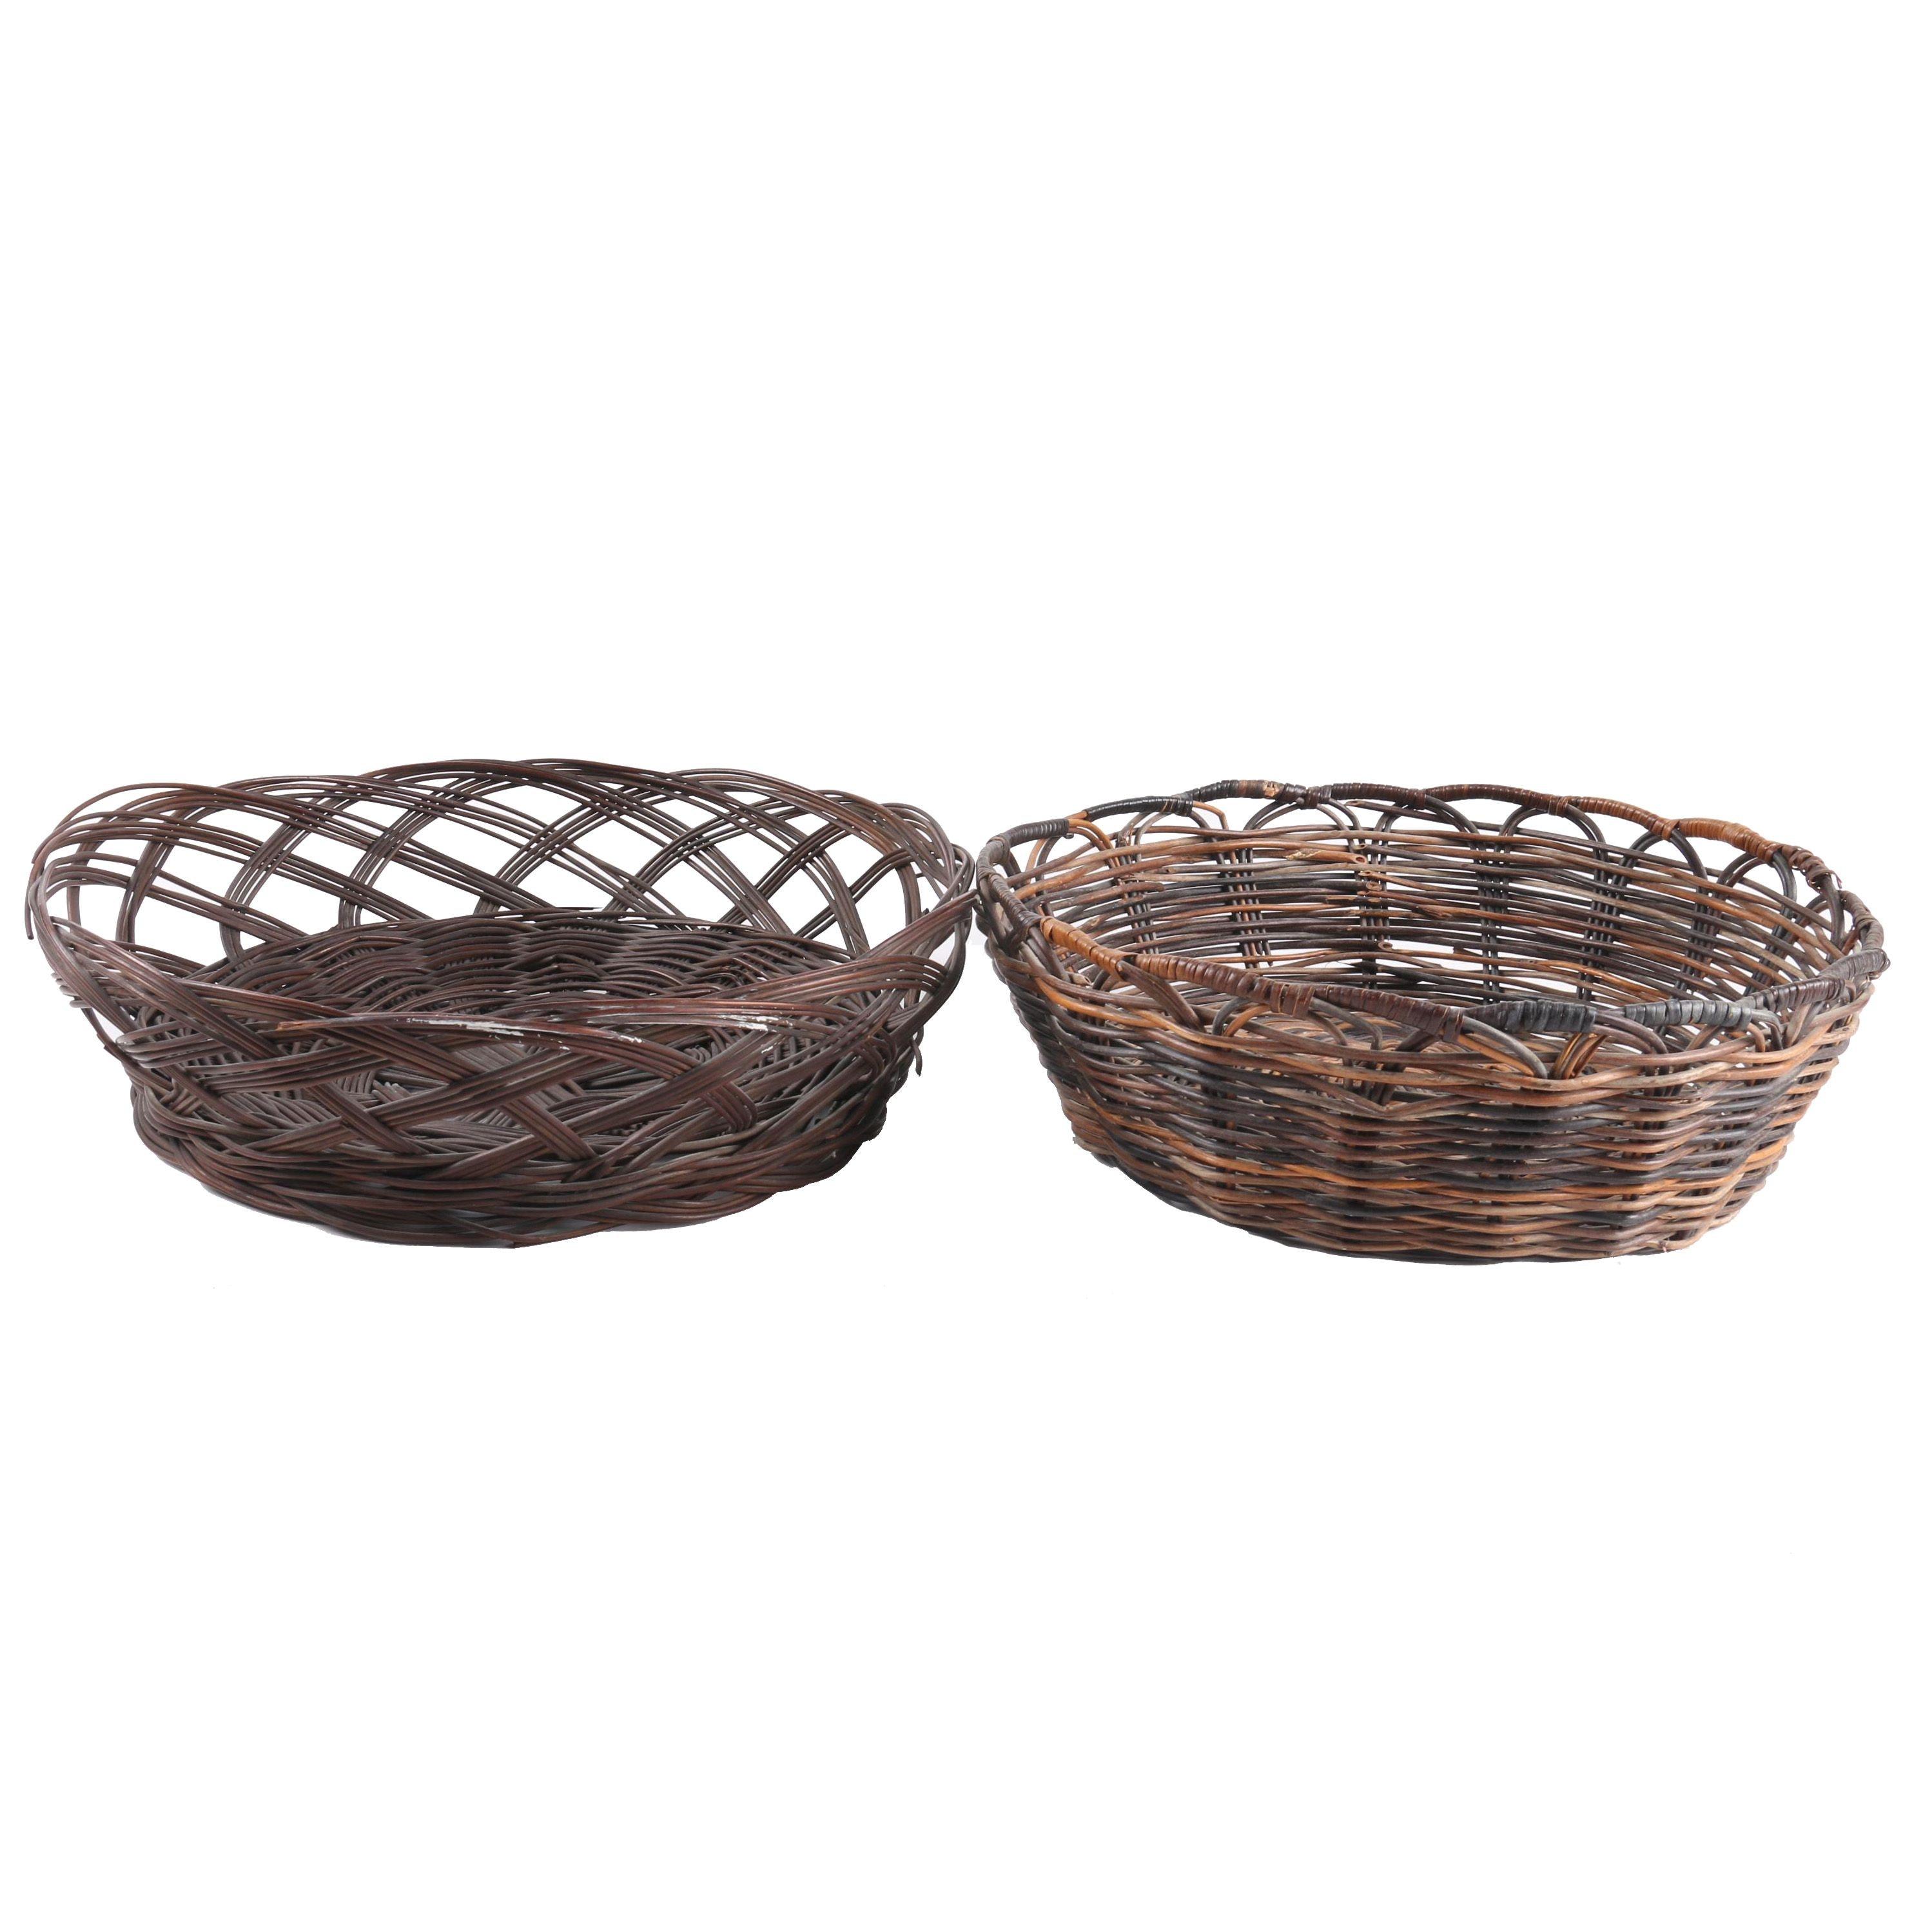 Victorian Wicker Yarn Baskets